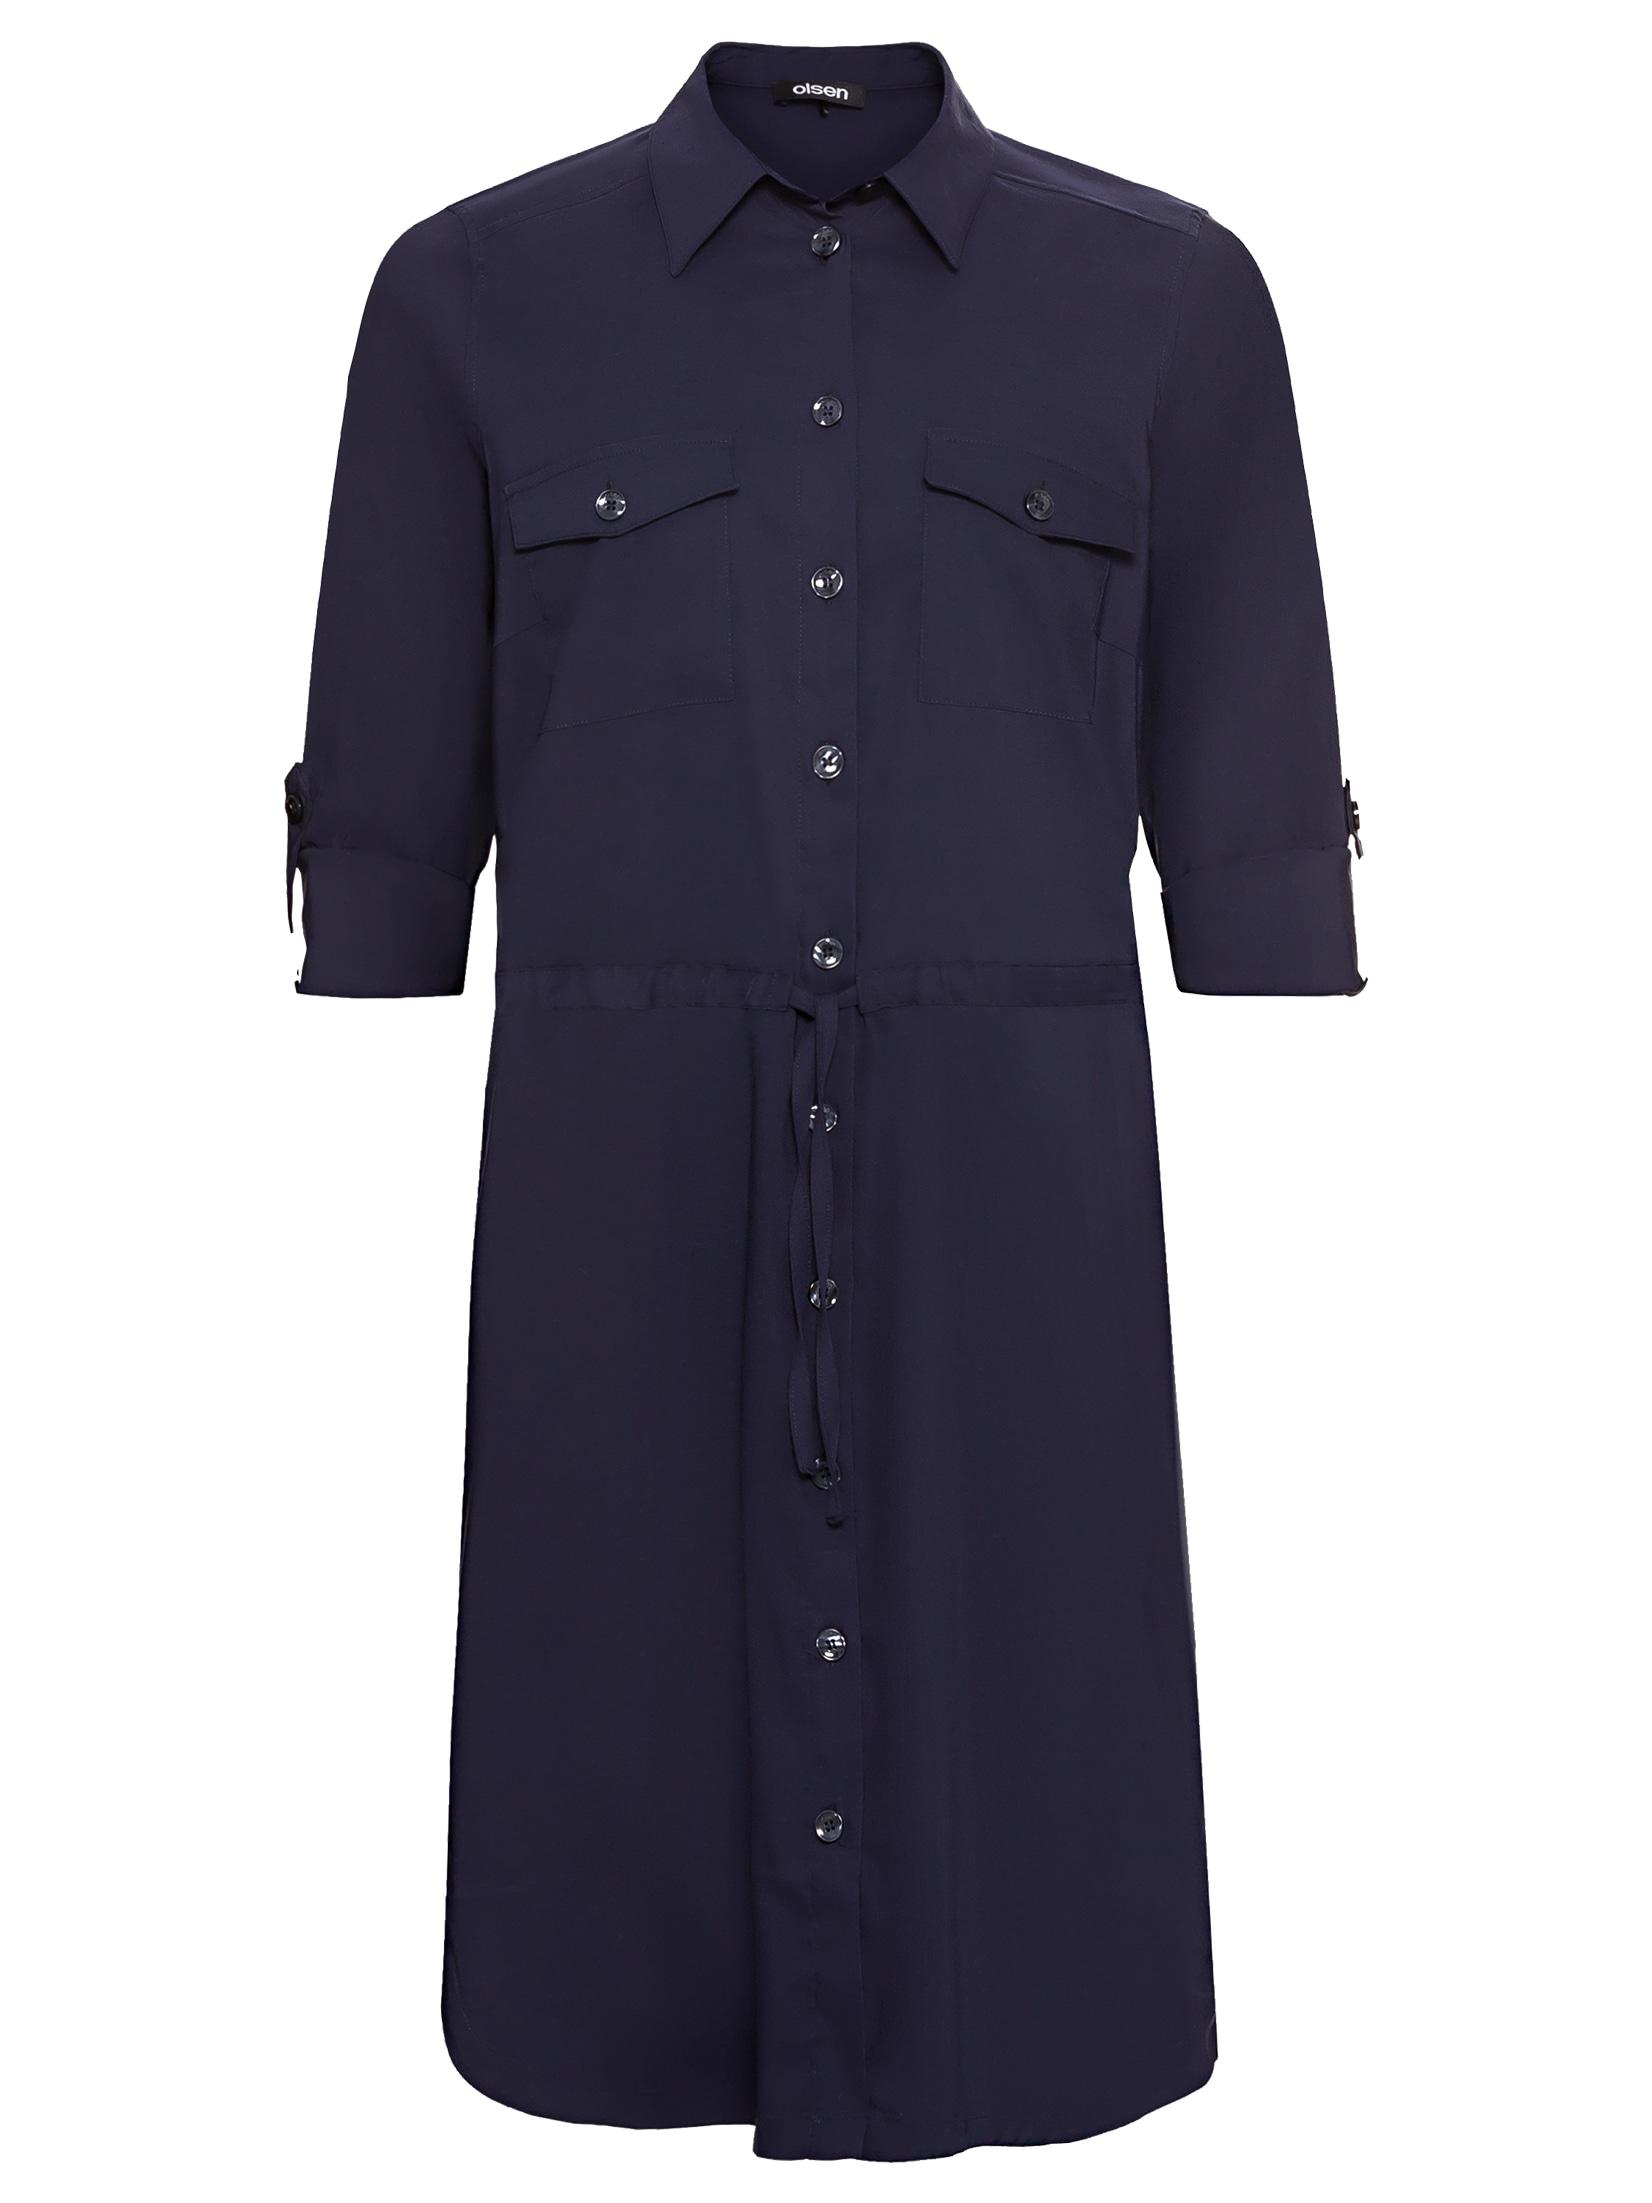 Olsen Blusenkleid, mit Tunnelzug und Gürtelband auf Hüfthöhe blau Damen Langarm Kleider Blusenkleid